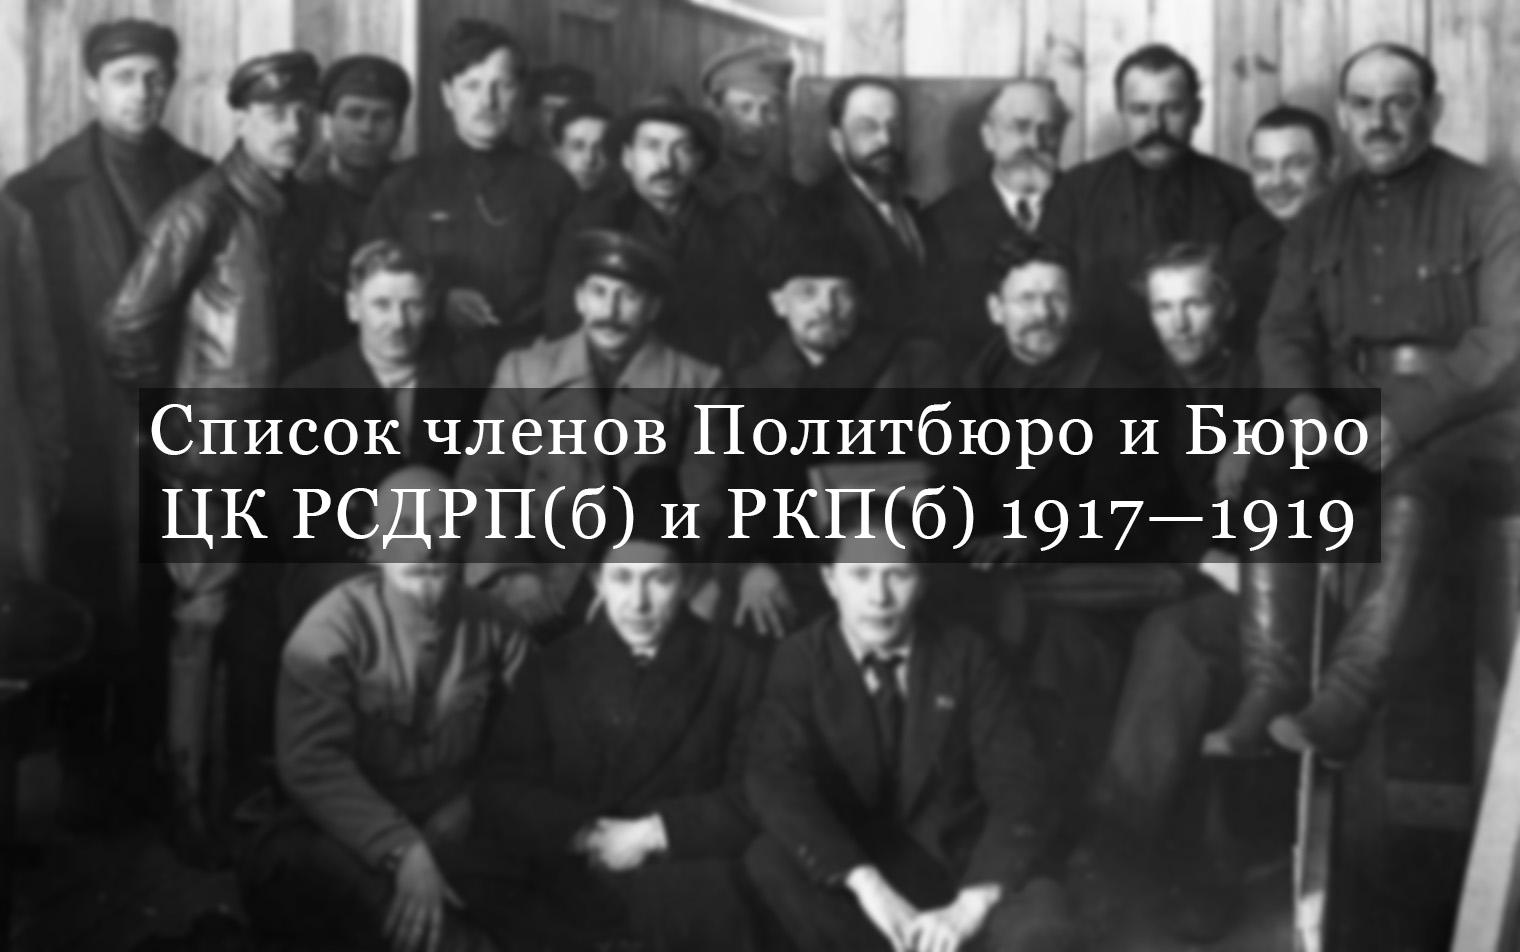 Список и трудовые биографии членов Политбюро и Бюро ЦК РСДРП(б) и РКП(б) 1917—1919